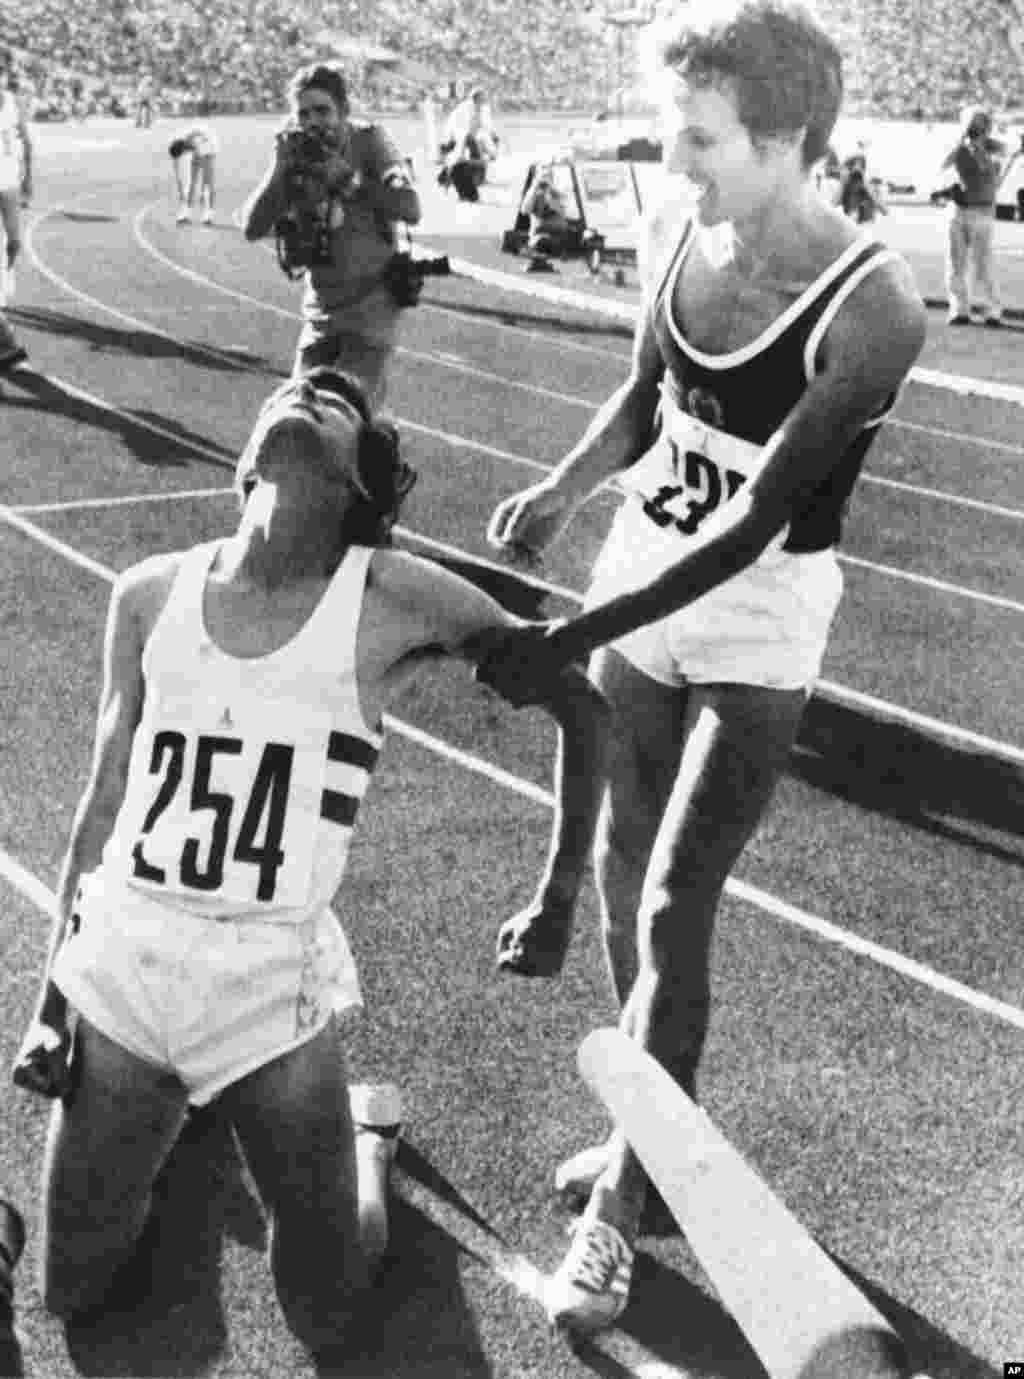 Легкоатлет Юрген Штрауб зі Східної Німеччини (праворуч) і Себастьян Коу із Великої Британії після того, як Коу виграв золото на дистанції 1500 метрів